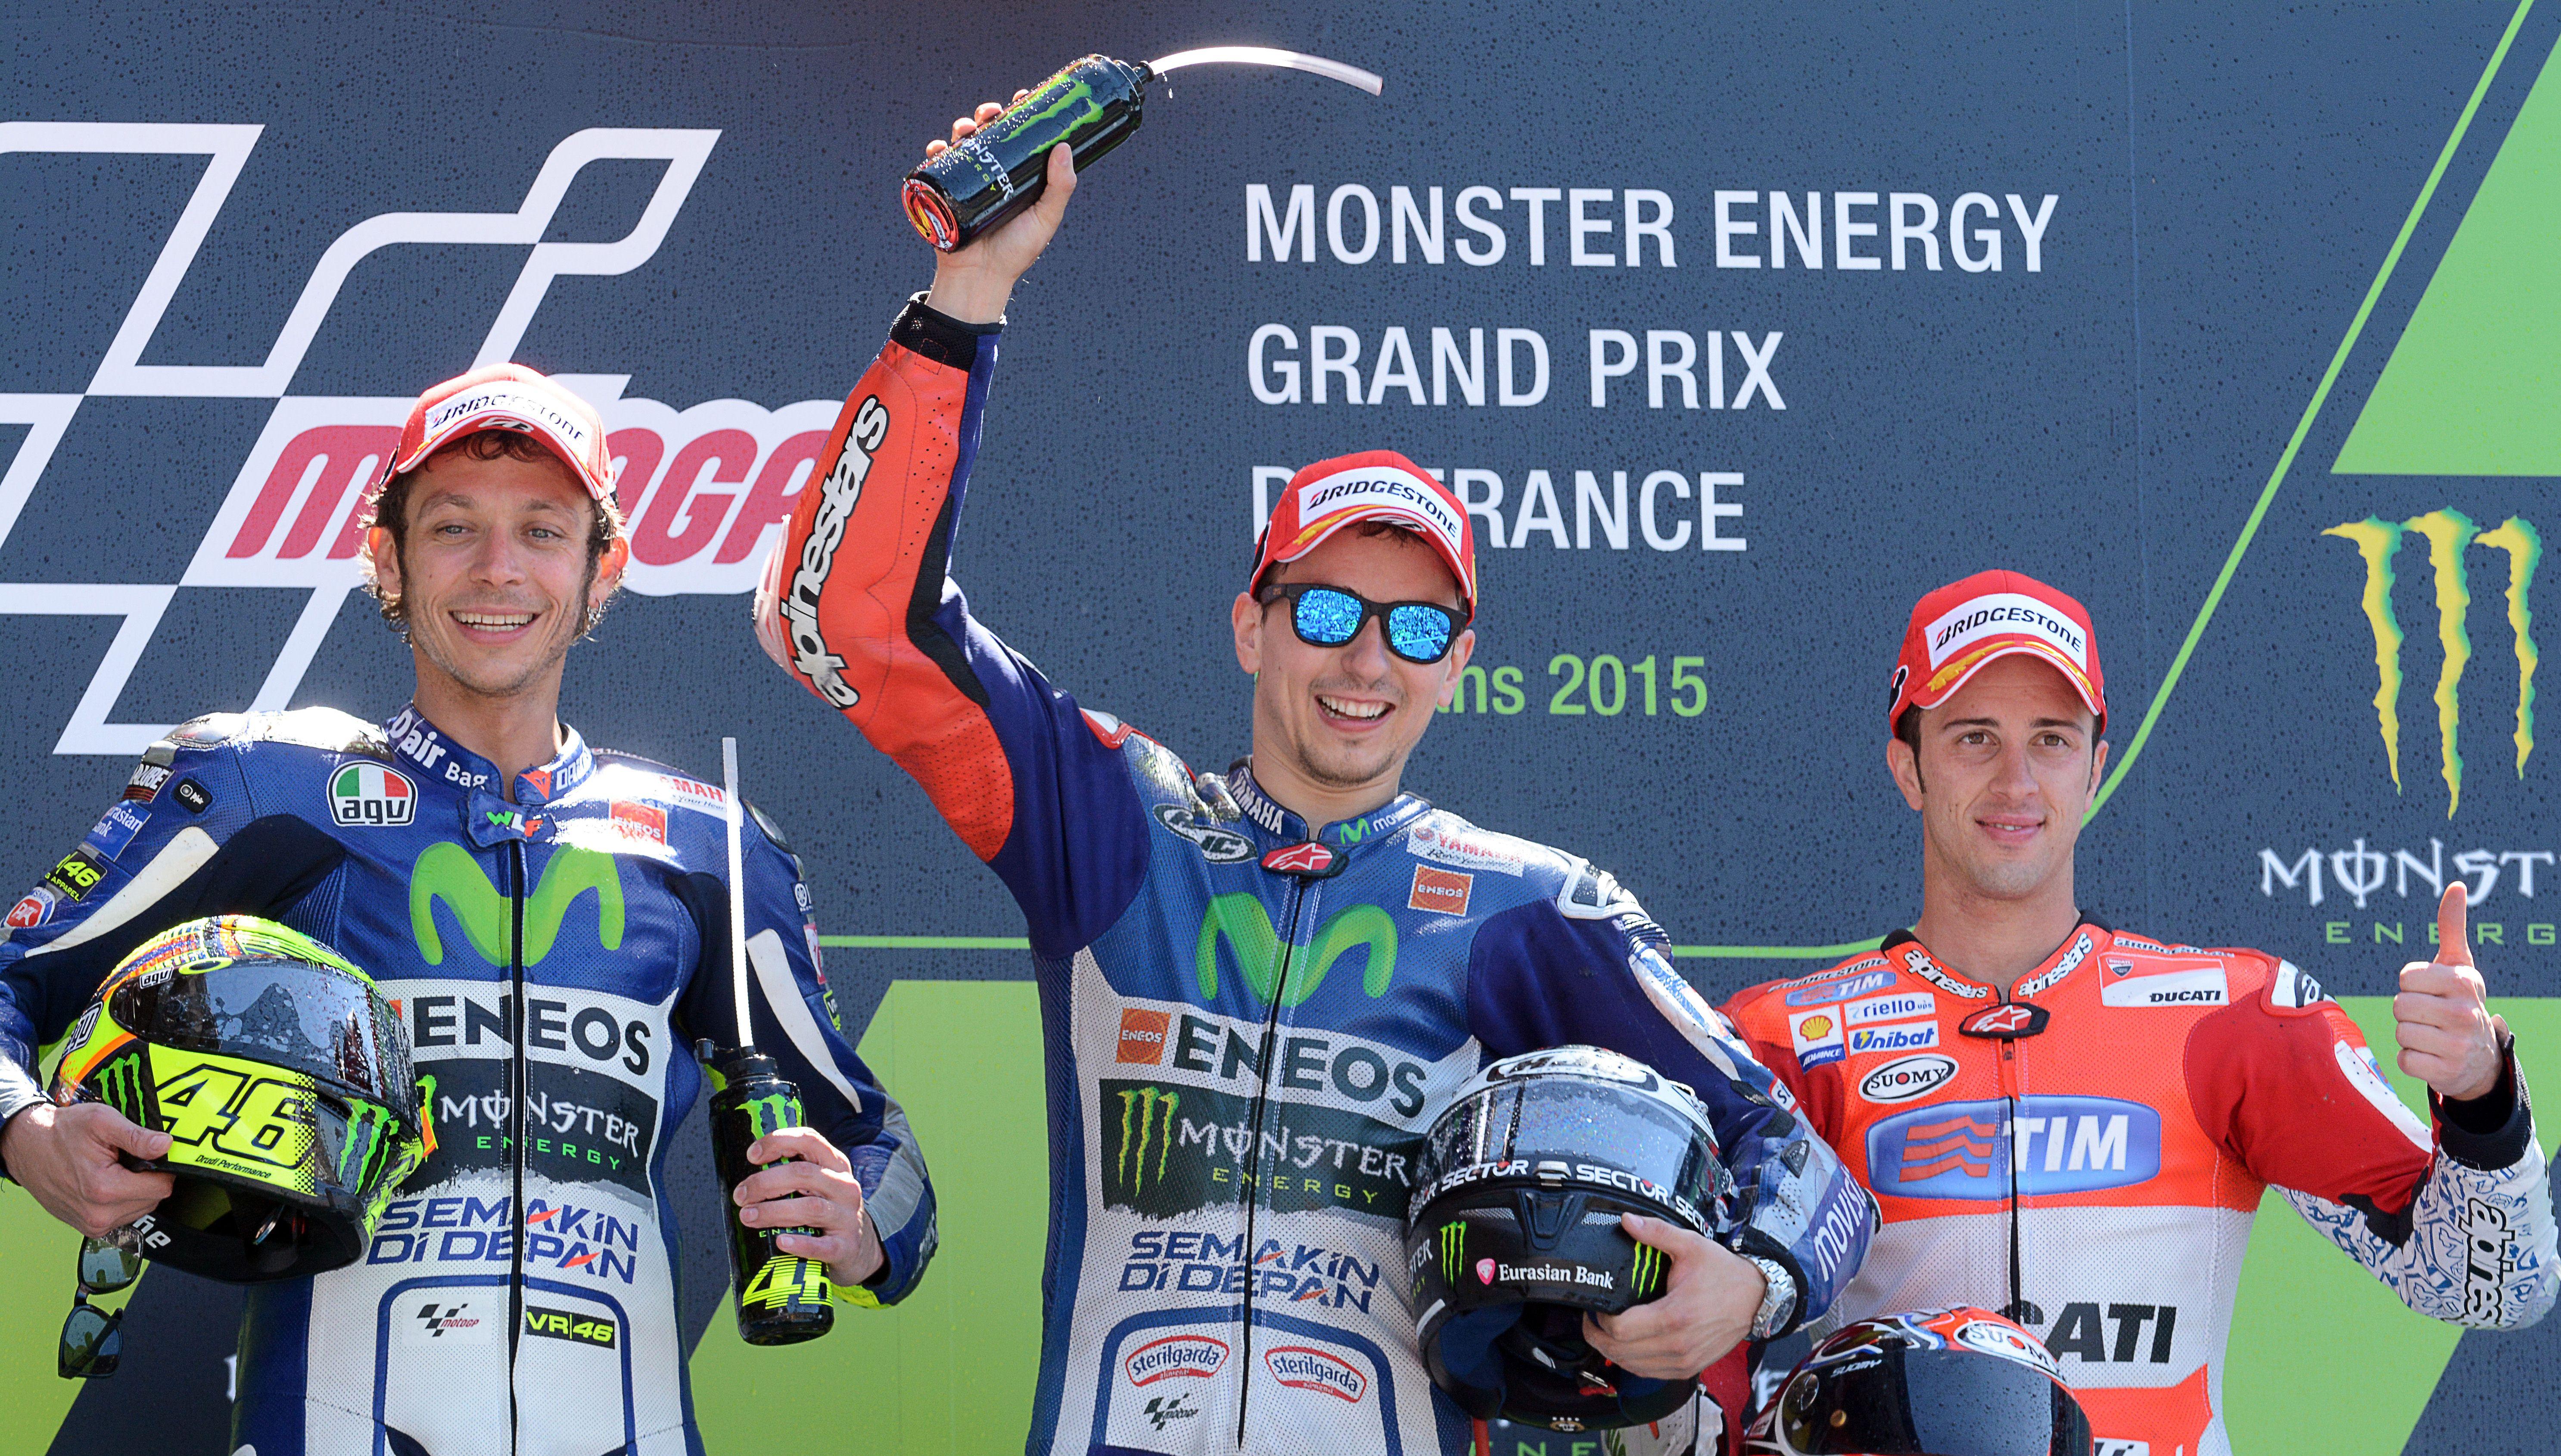 MotoGP 2015: Championship standings after Le Mans